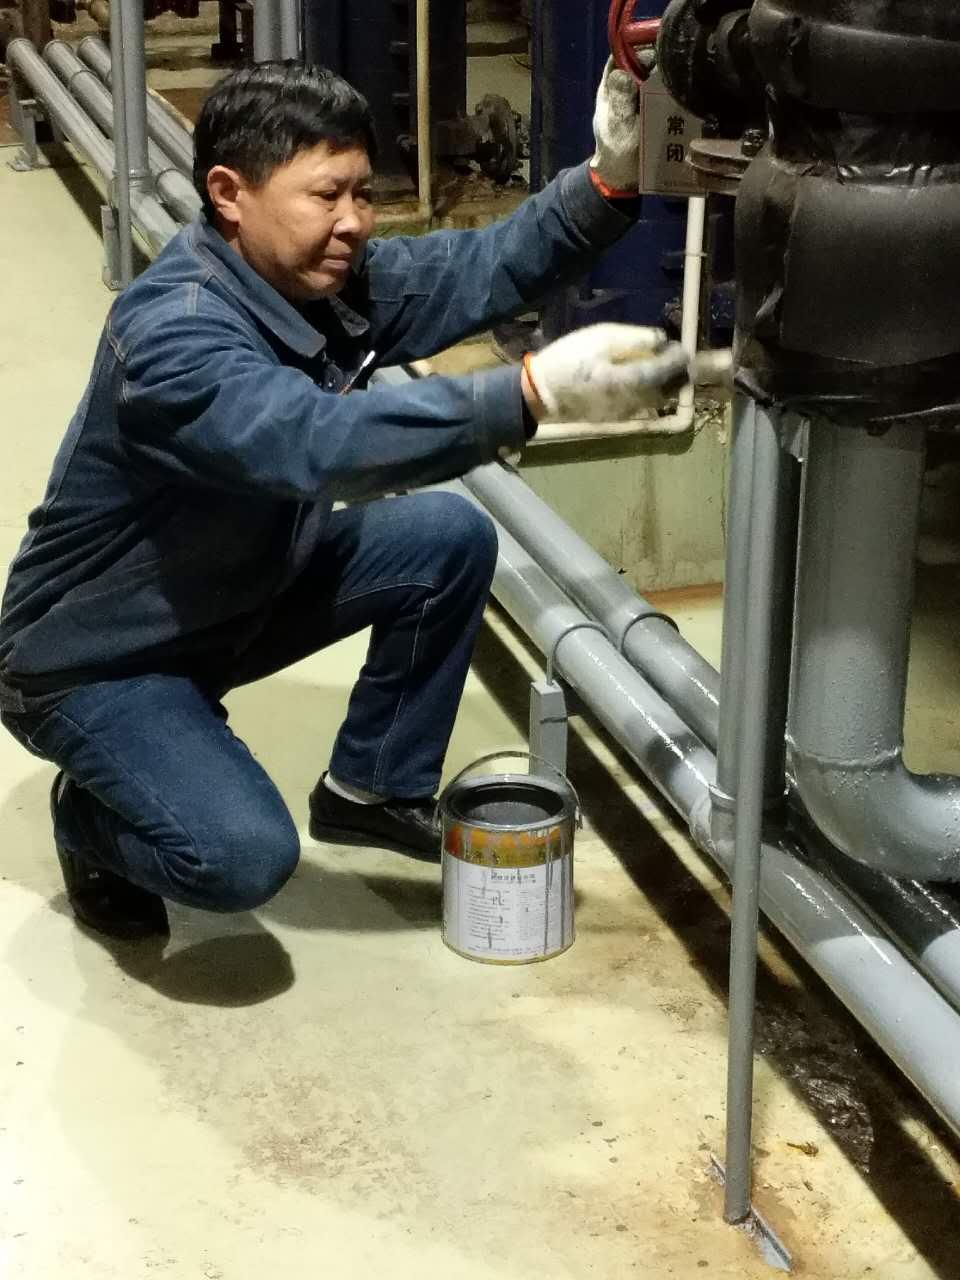 近日,机关事务局服务部工程组积极开展设备设施维护保养工作,确保各类极端天气情况下设备正常运转。   主要内容有检查、清洗、紧固、油漆等工作,包括设备清理表面油污、软管检查、除尘、除污、紧固螺丝、油漆等,对设备所有的检查工作实行定人定位负责制,确保夏季设备安全稳定运行。(孙佳卉)